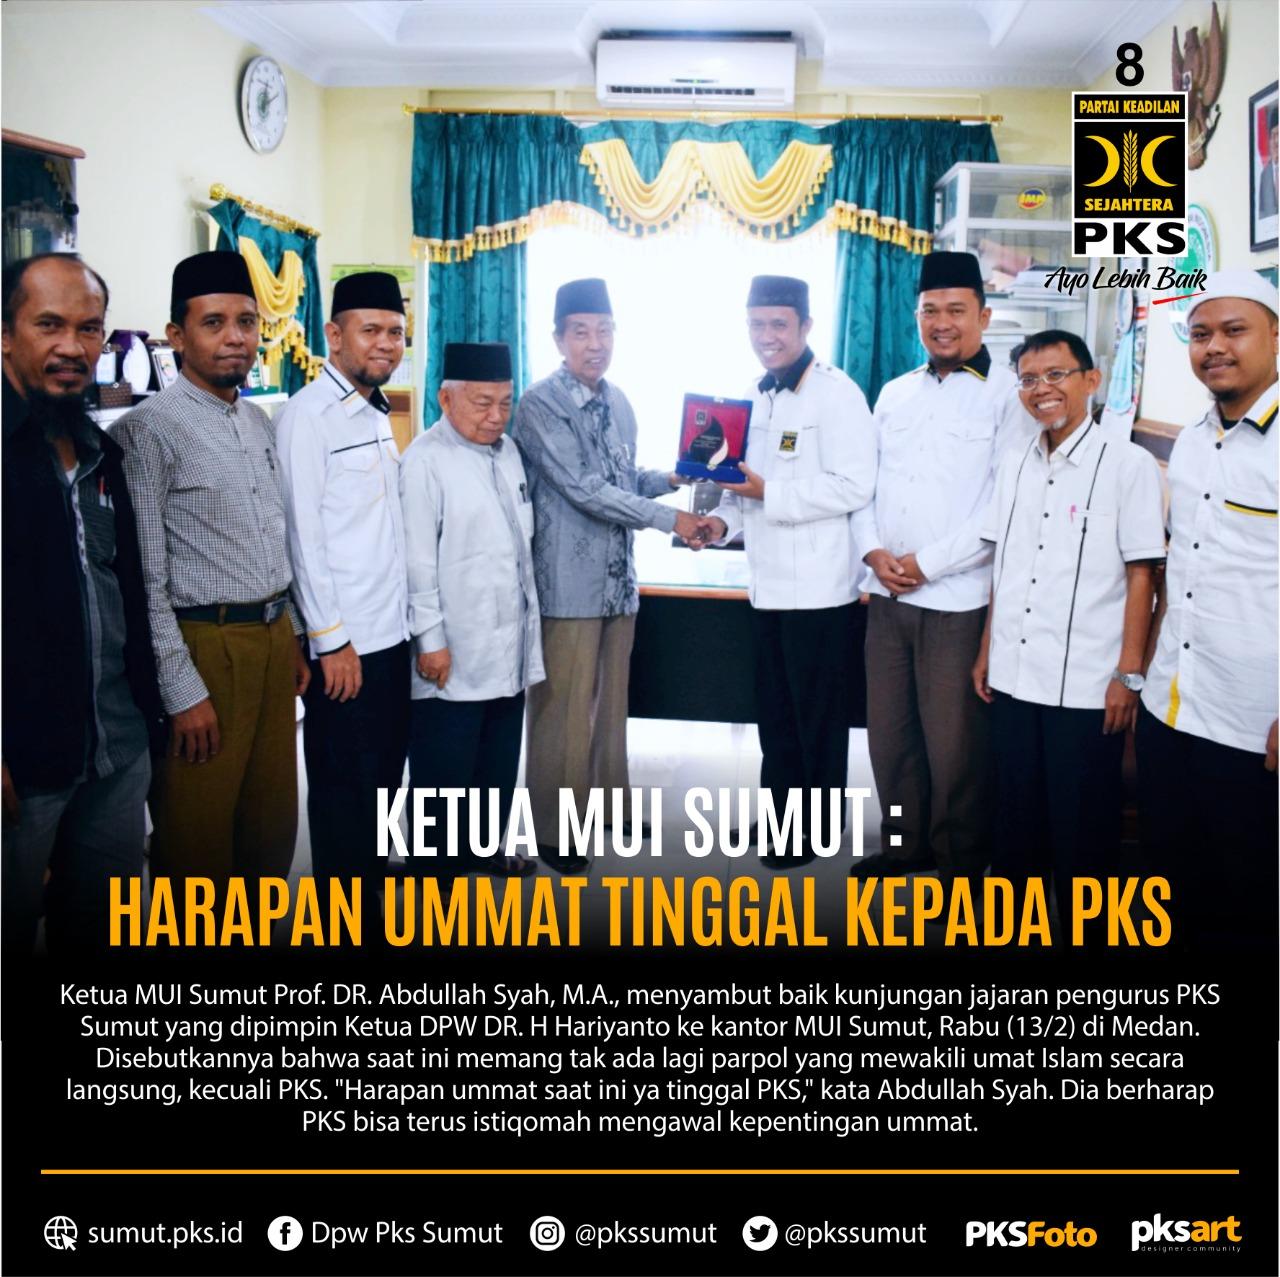 Ketua MUI Sumut, PKS harapan terakhir ummat